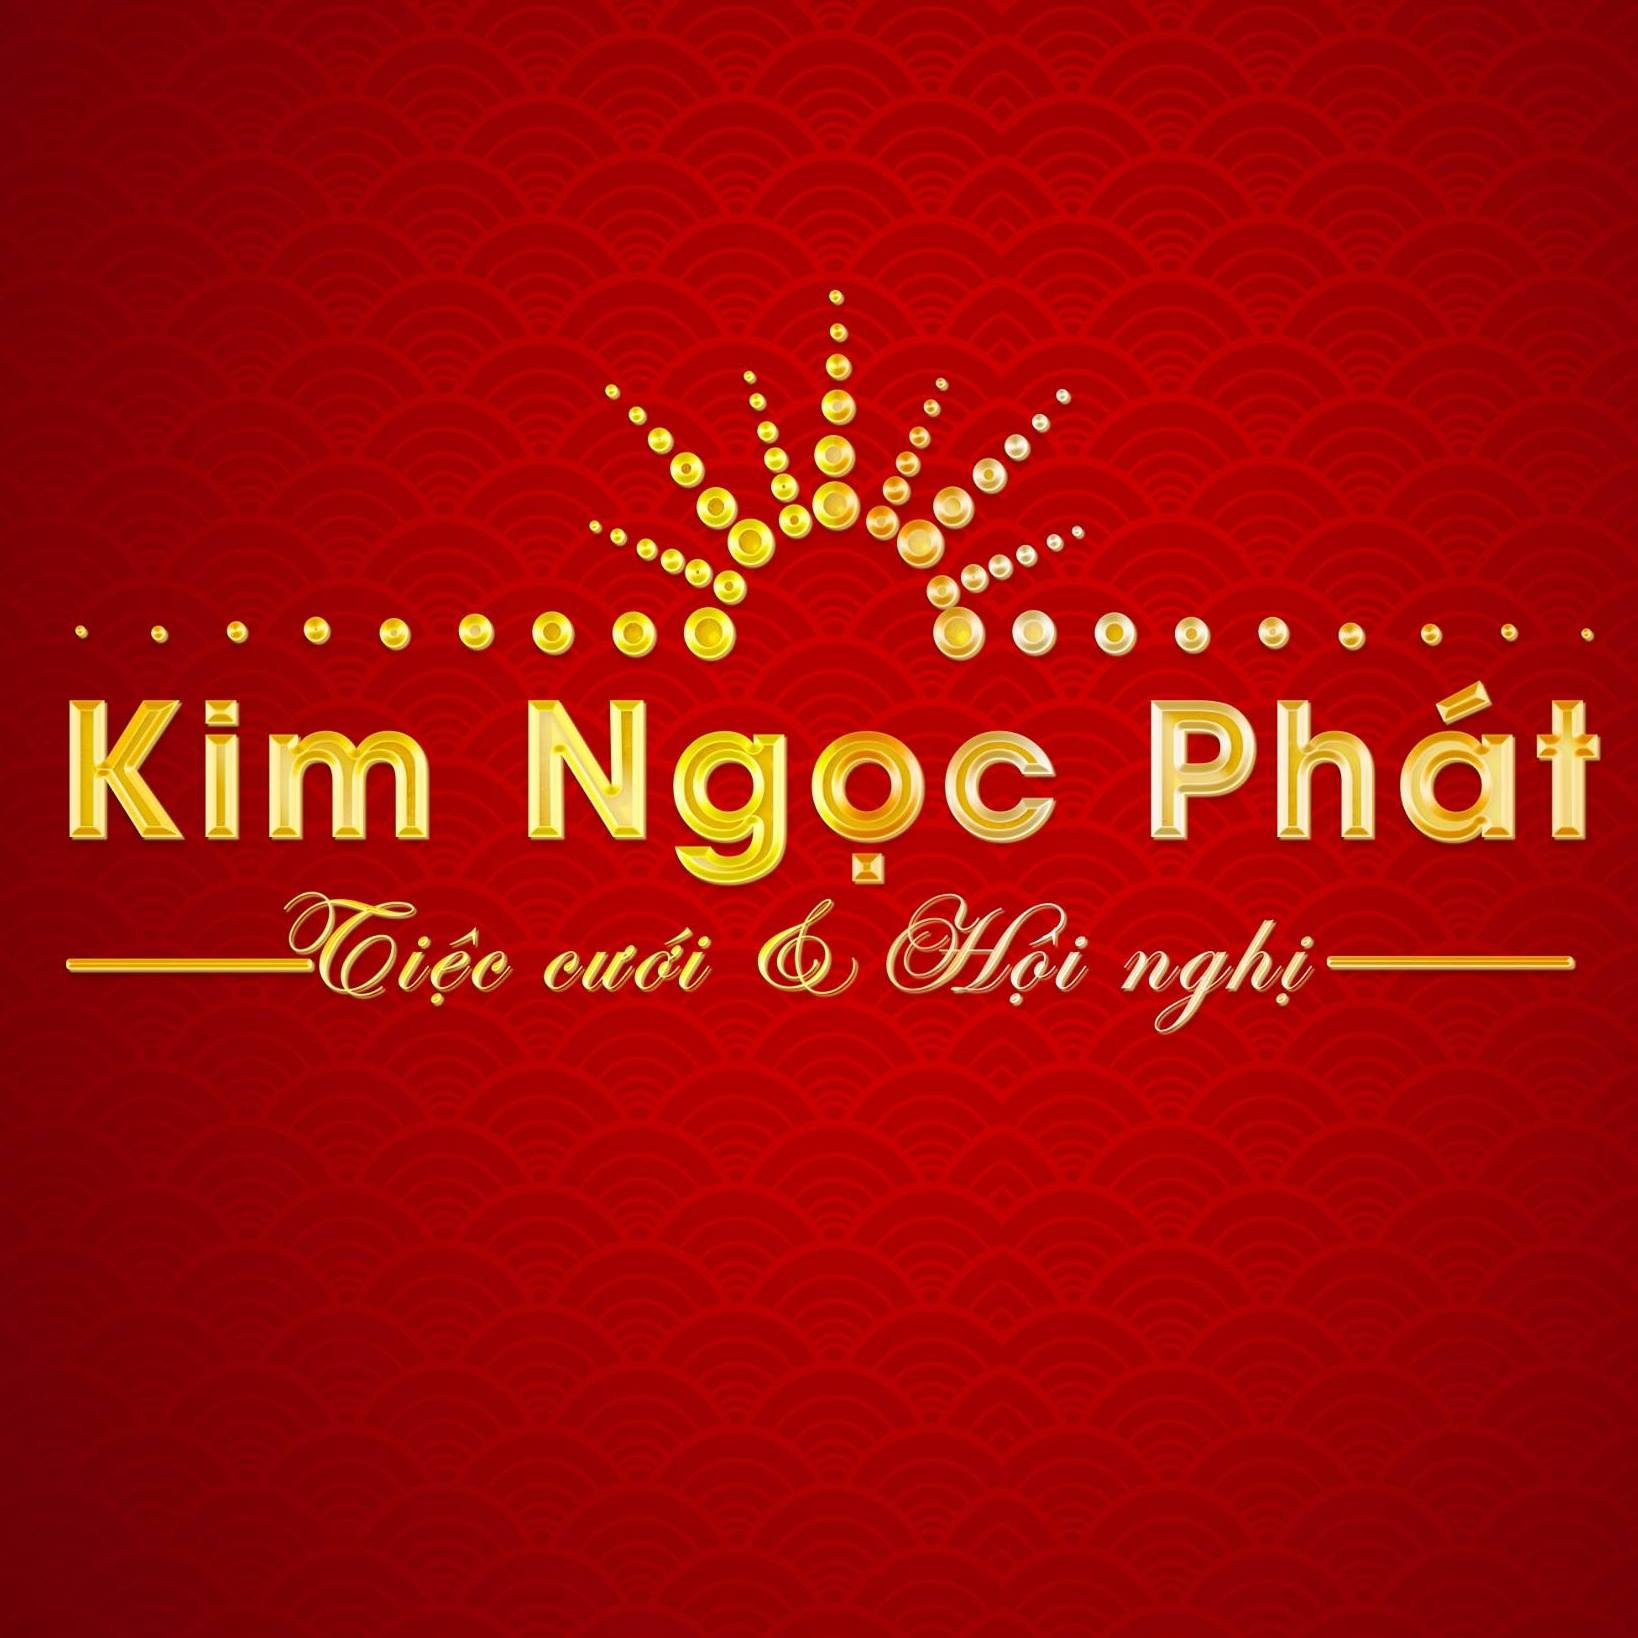 Kim Ngọc Phát